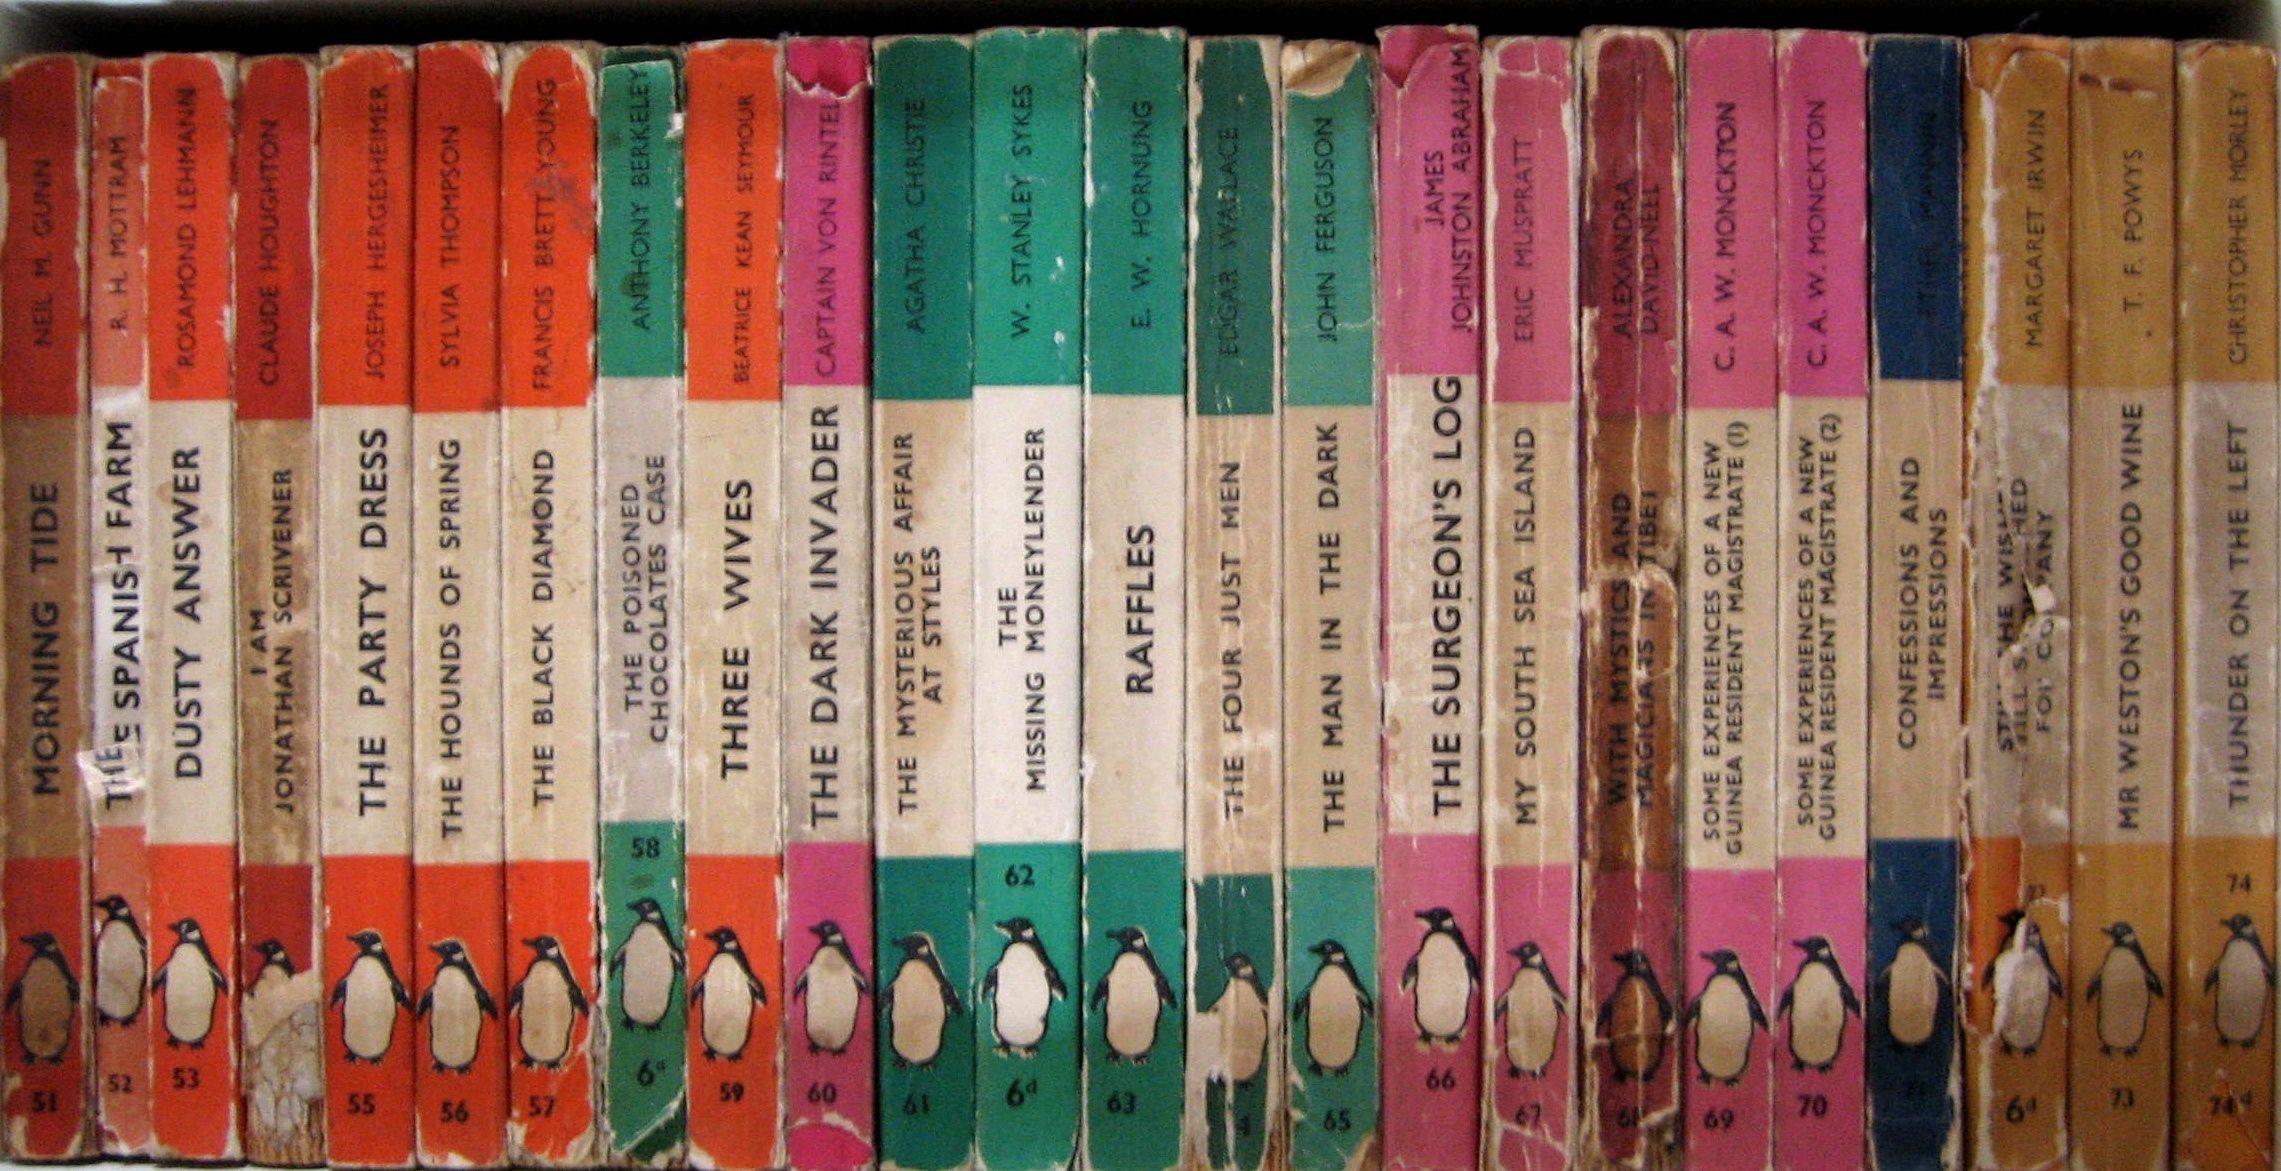 One Hundred Penguin Books